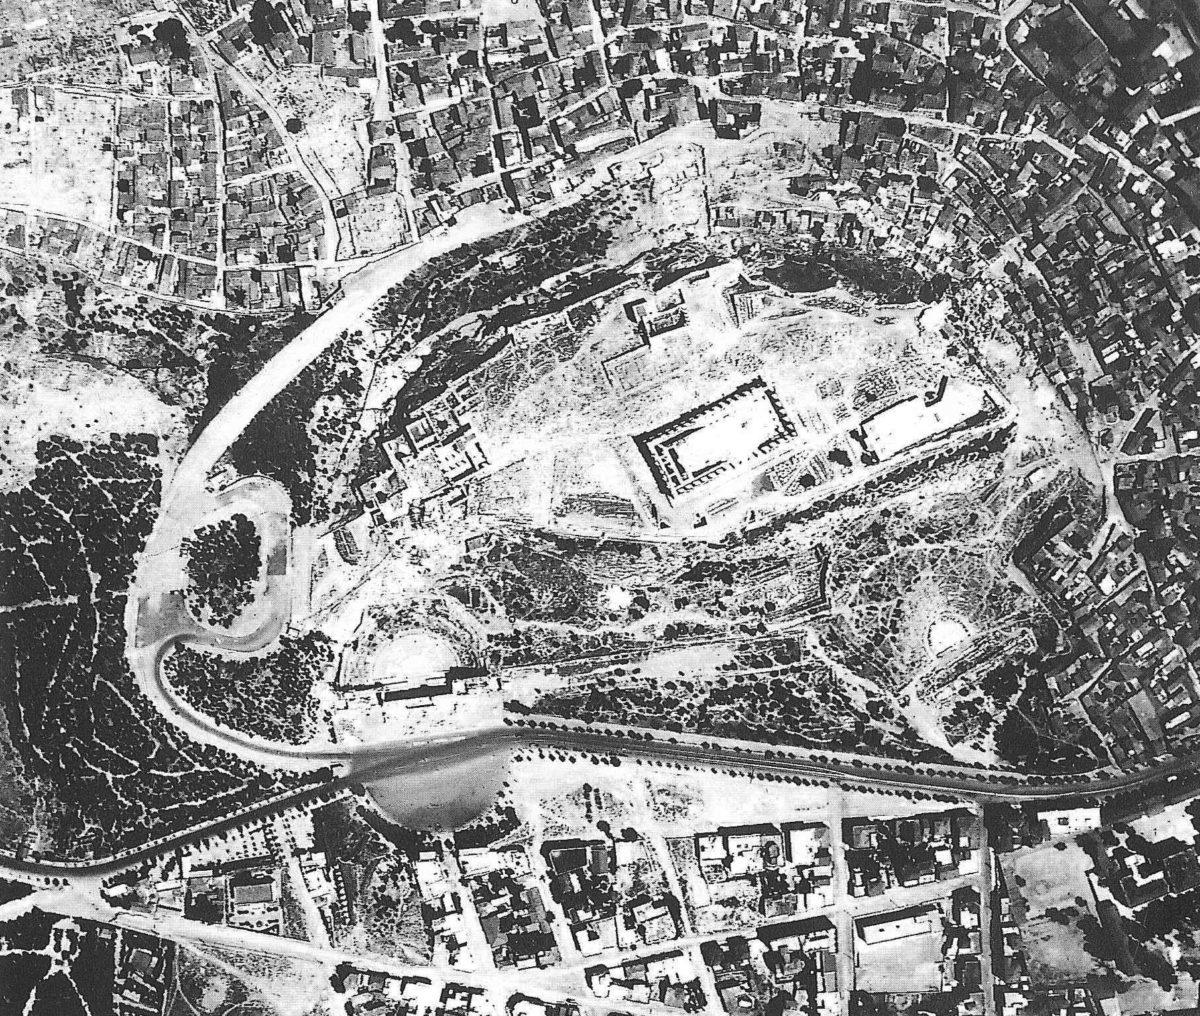 Εικ. 2. Αεροφωτογραφία του 1935 όπου φαίνεται η παλιά Διονυσίου Αρεοπαγίτου, που οδηγούσε στο Ηρώδειο.